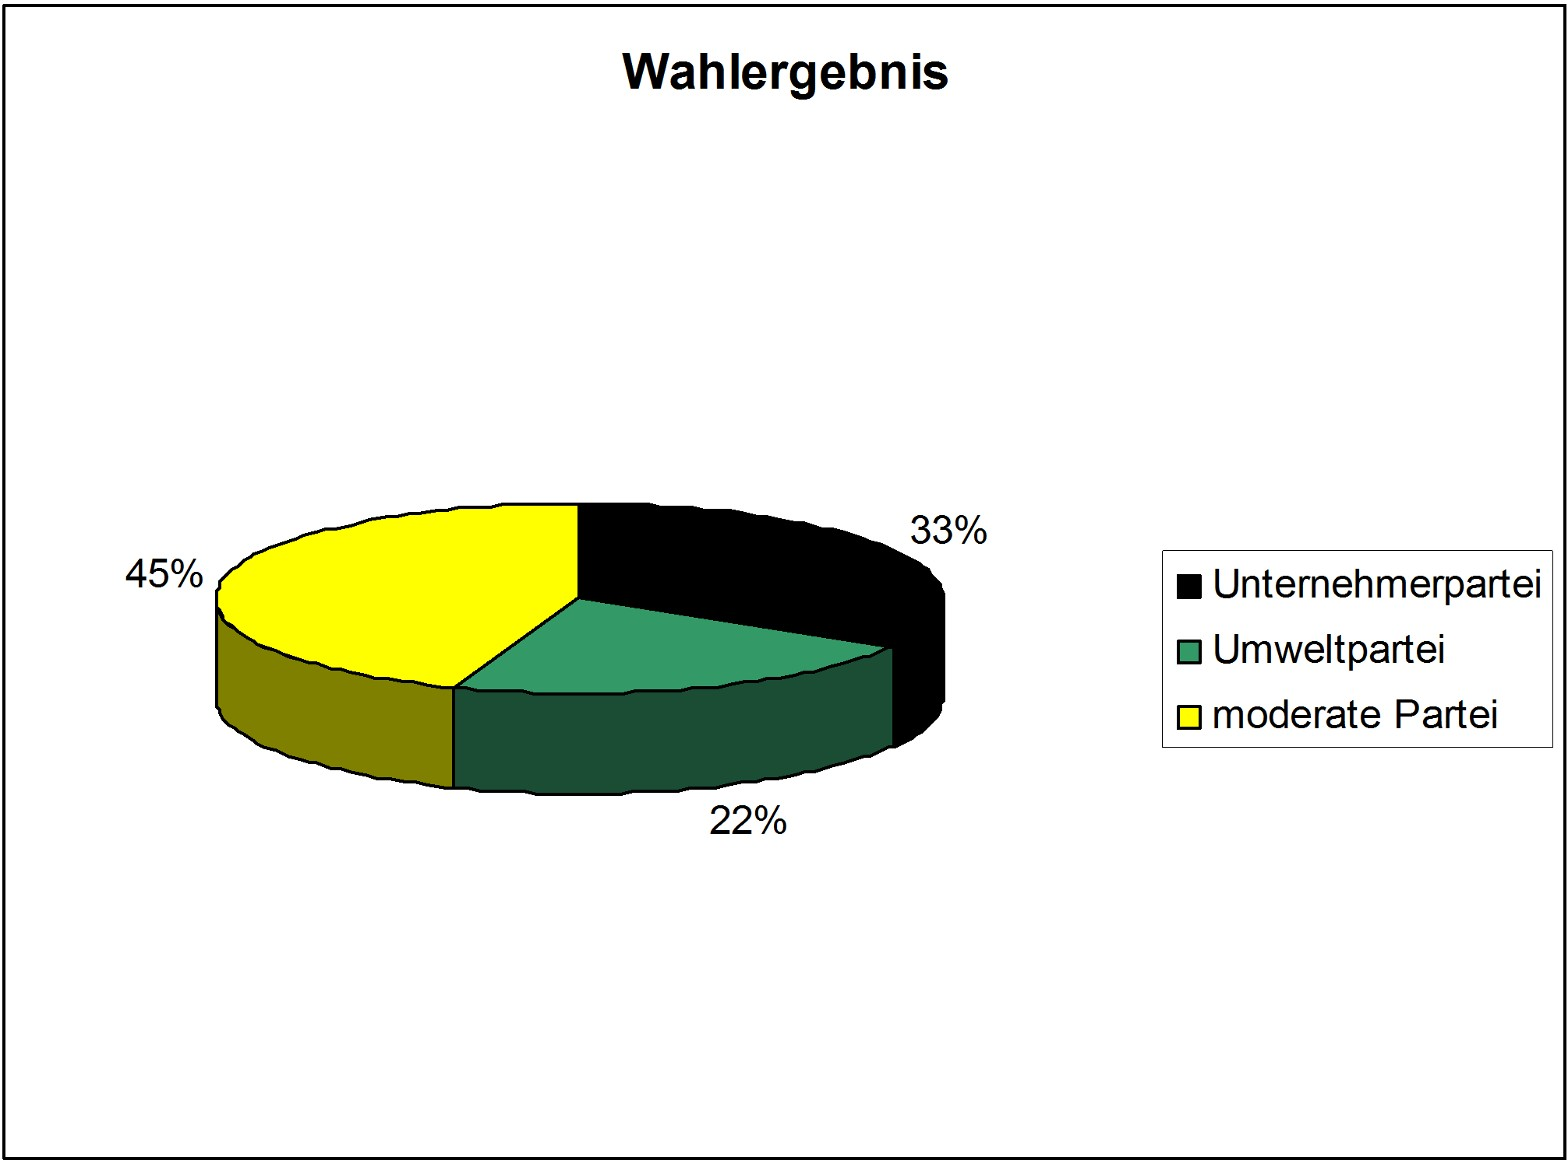 wahlergebnis1